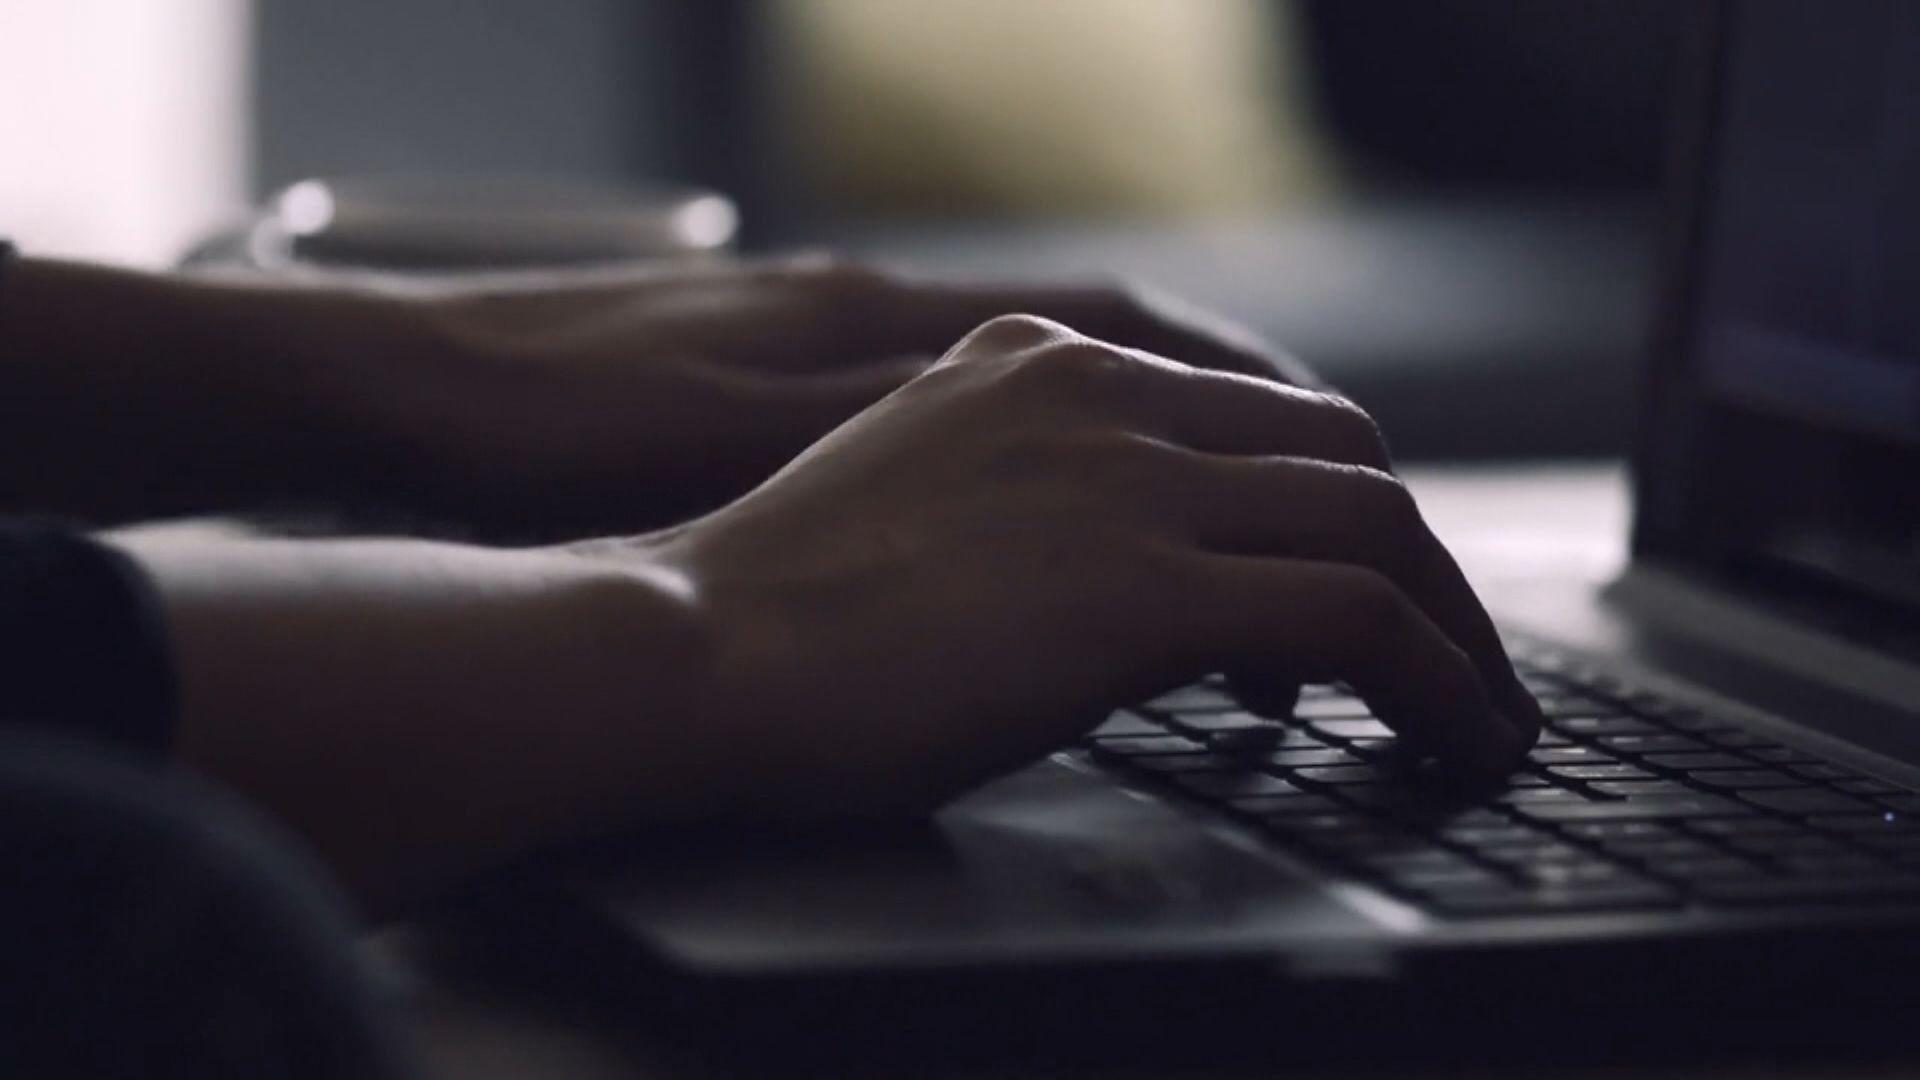 美財政部及商務部據報遭俄指派黑客入侵